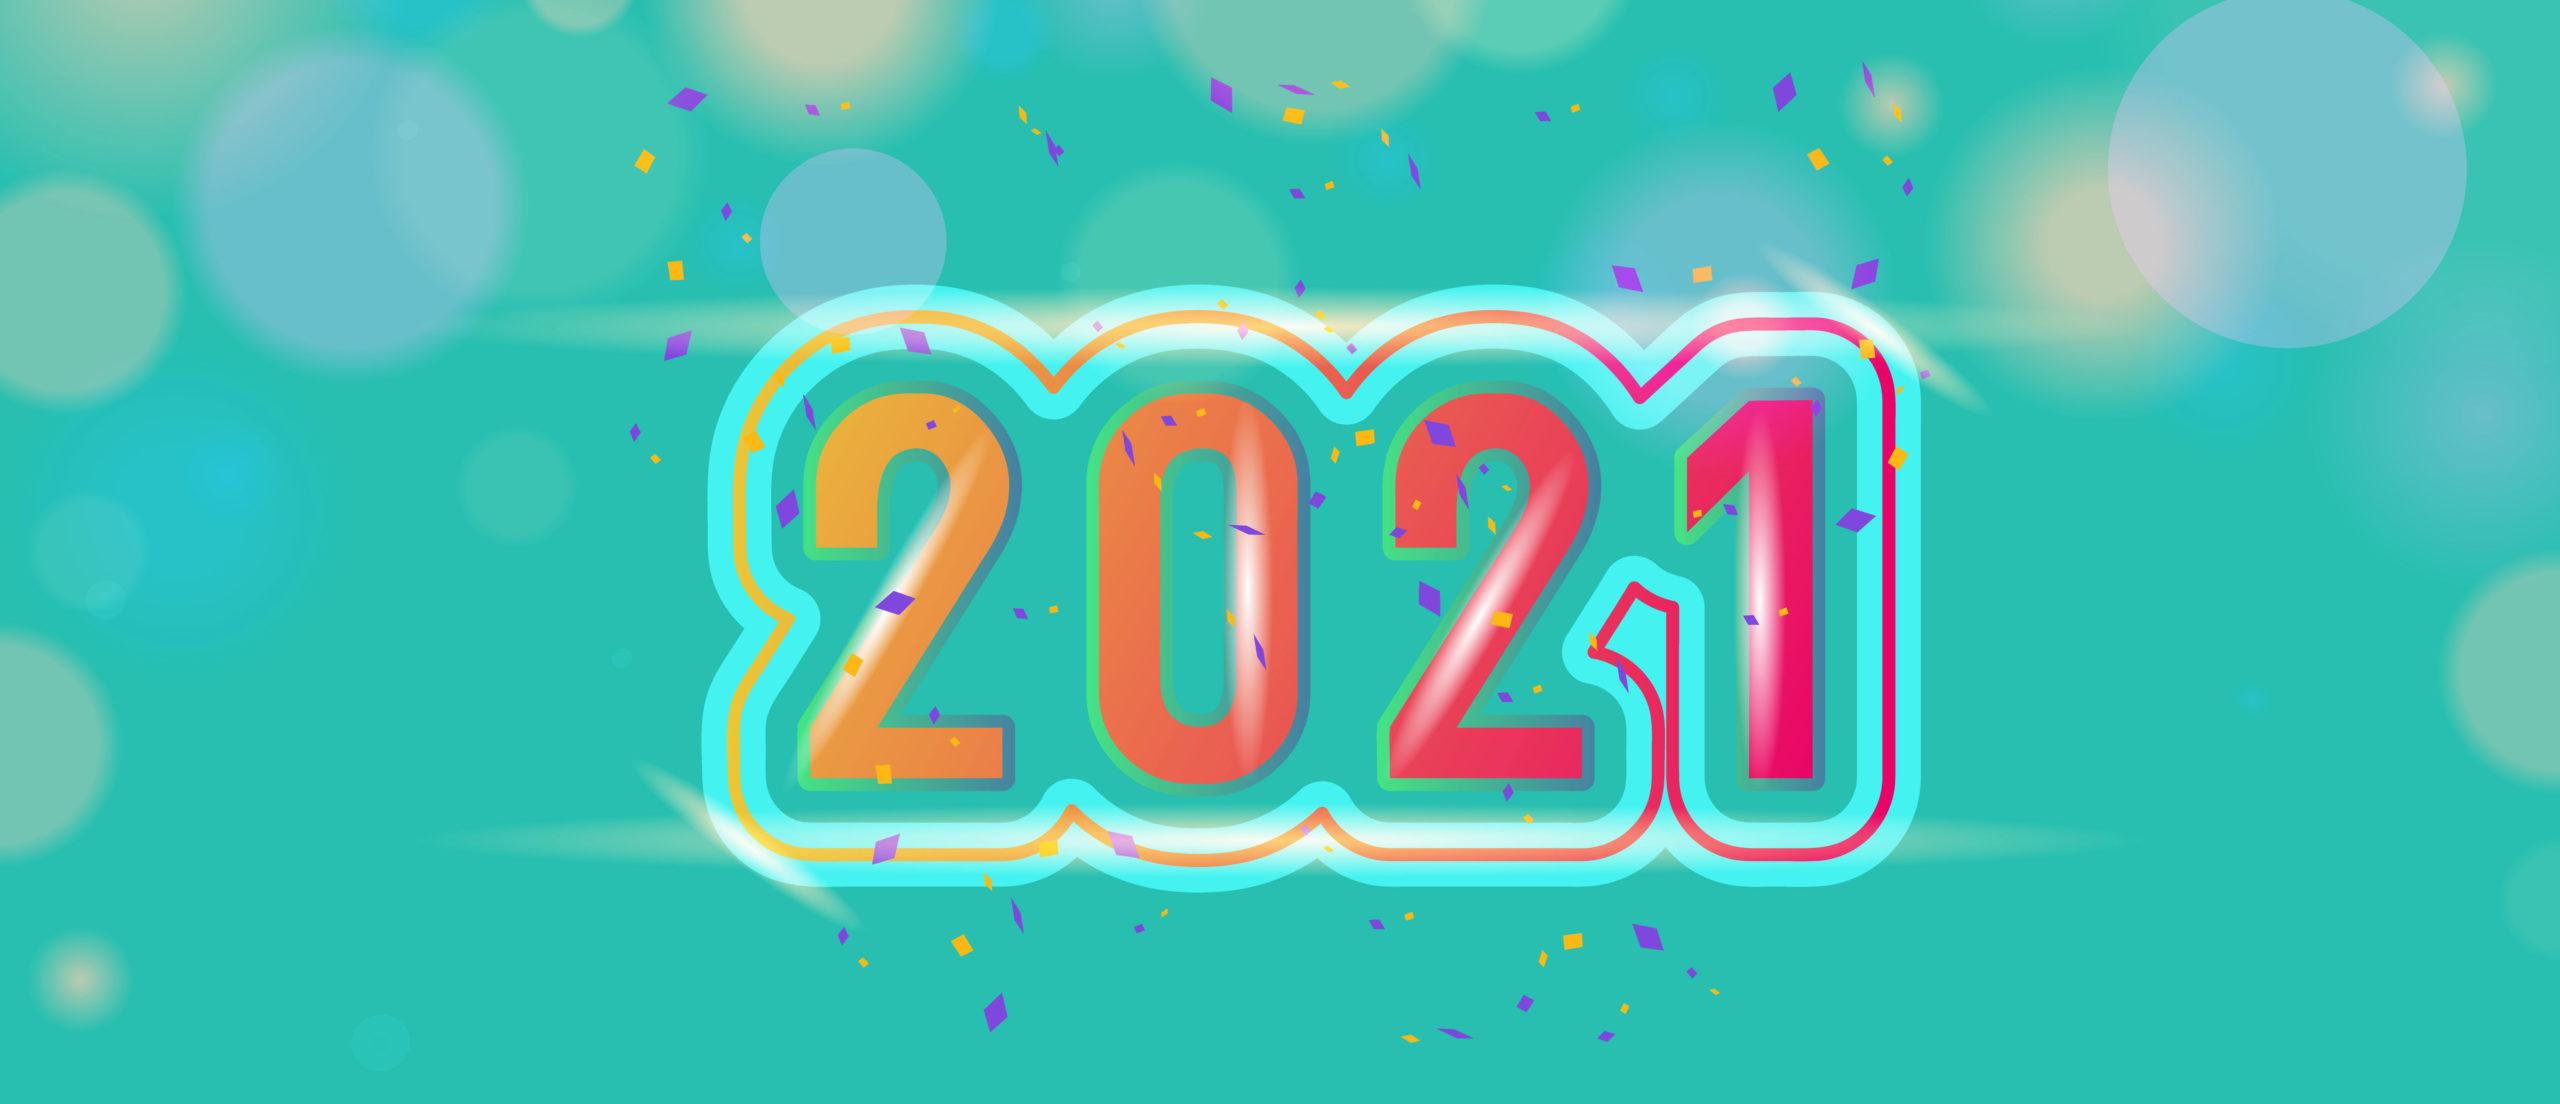 Generali News 2021